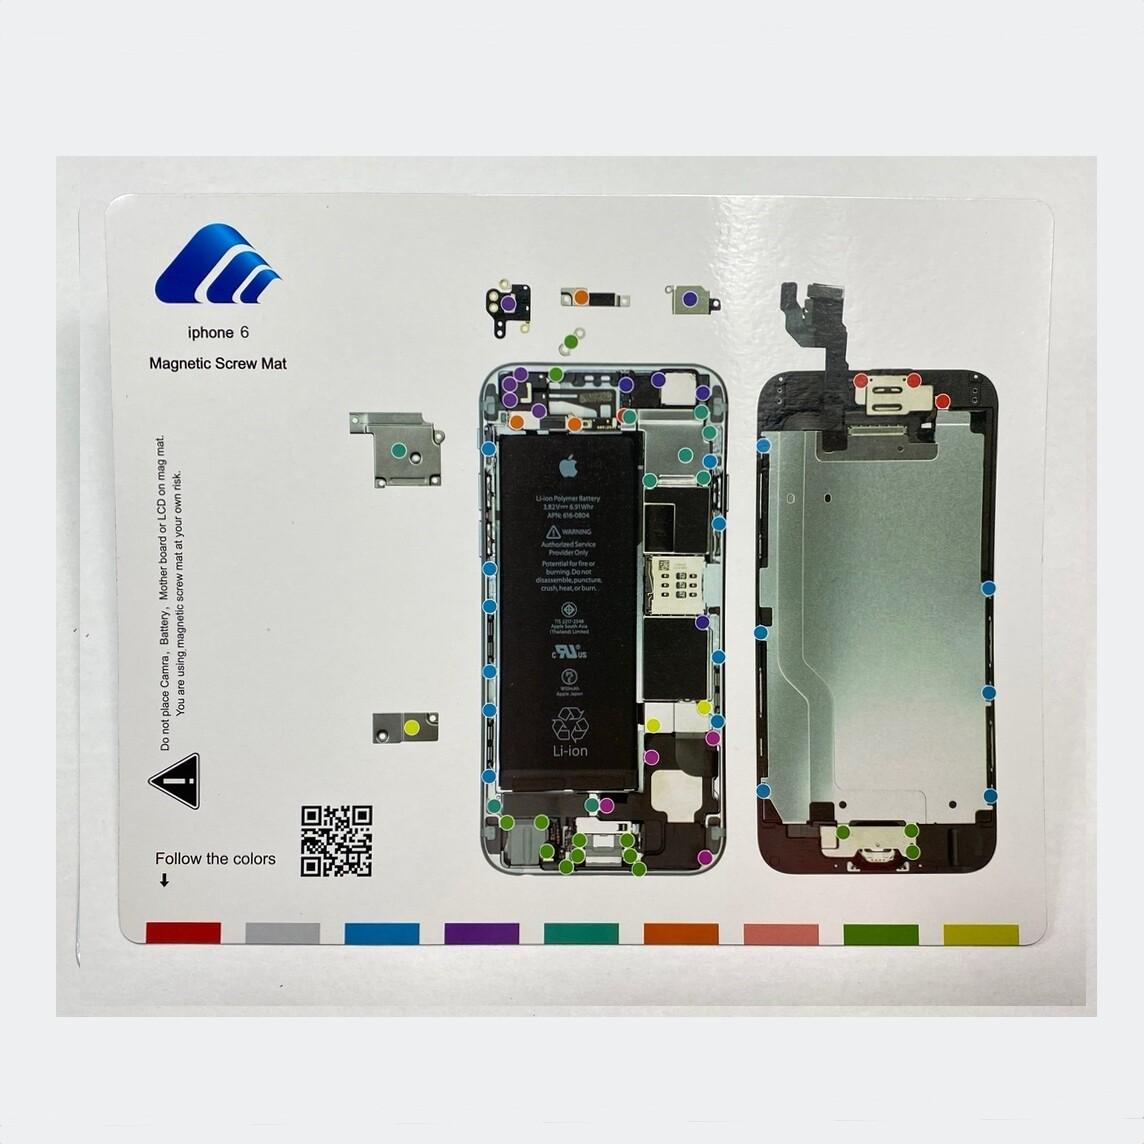 Pad magnético estilo  iPhone 6